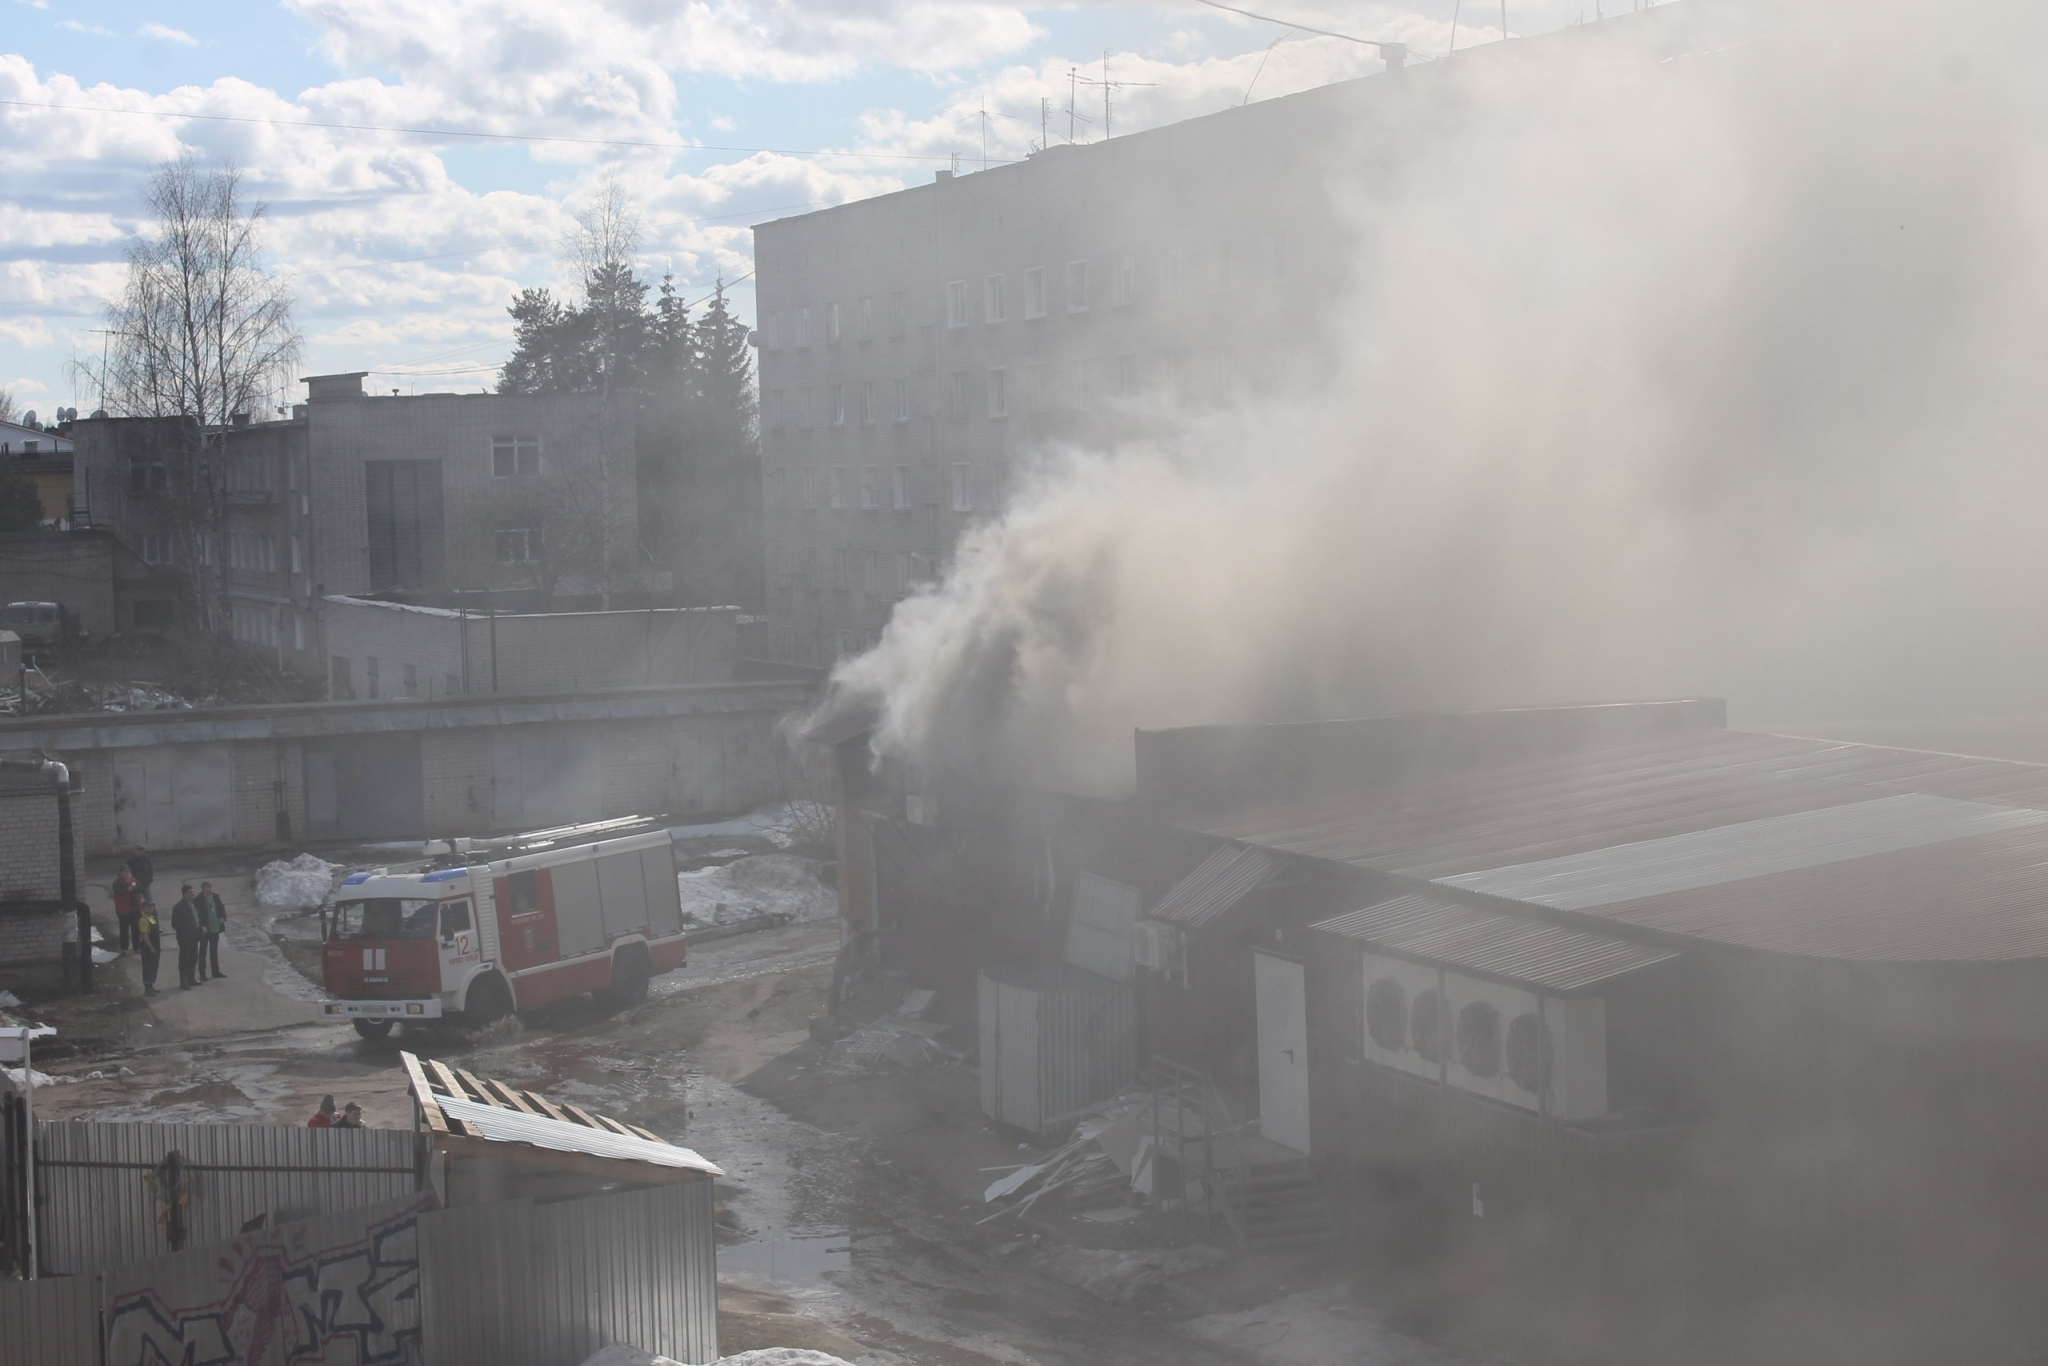 В Кирово-Чепецке произошел пожар в супермаркете: всех эвакуируют